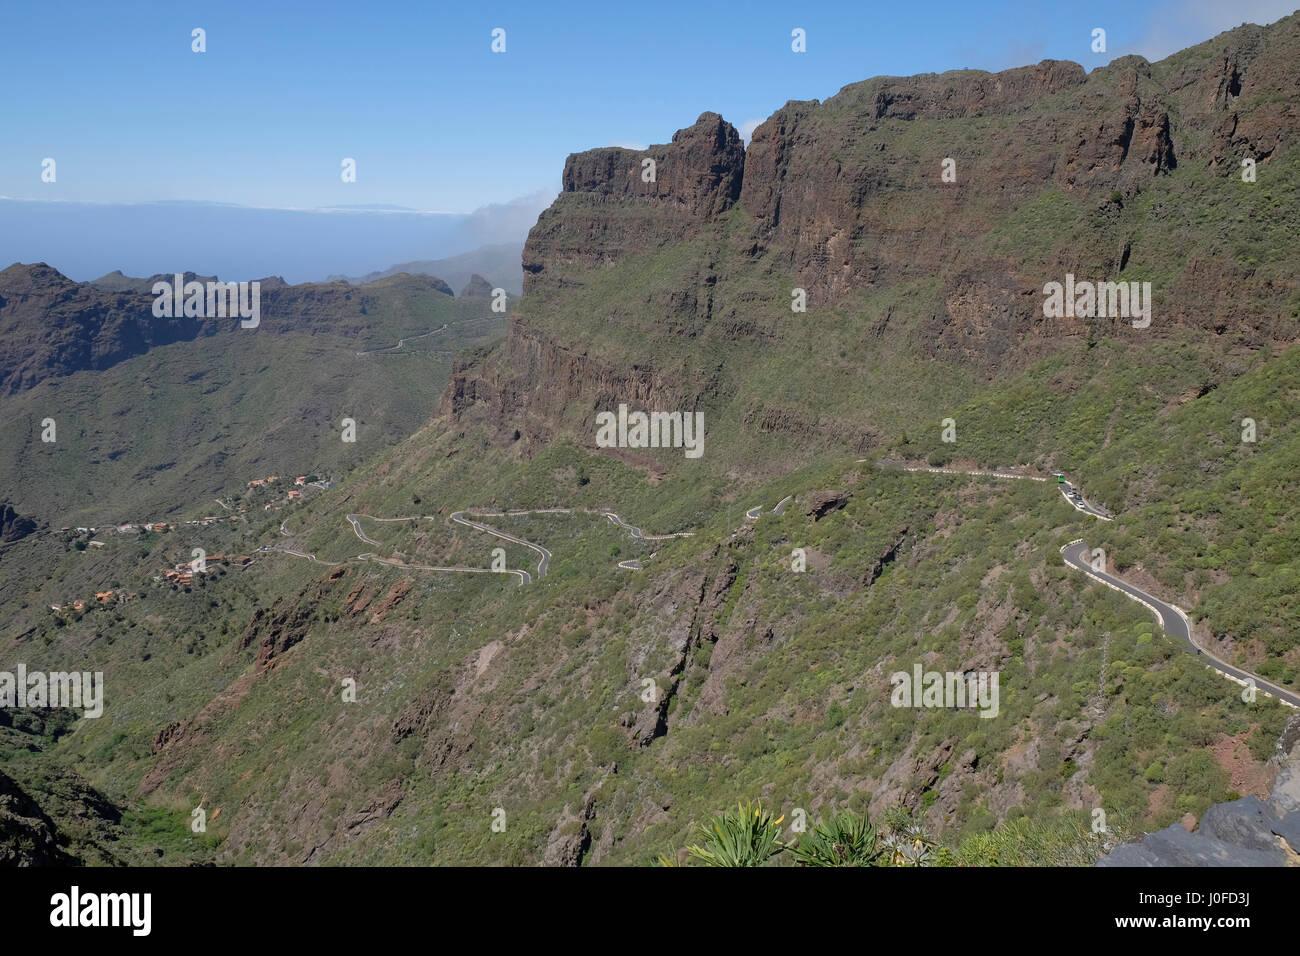 Hügel-Straße im Macizo de Teno-Gebirge in der Nähe von Masca, Teneriffa, Kanarische Inseln, Spanien. Stockbild